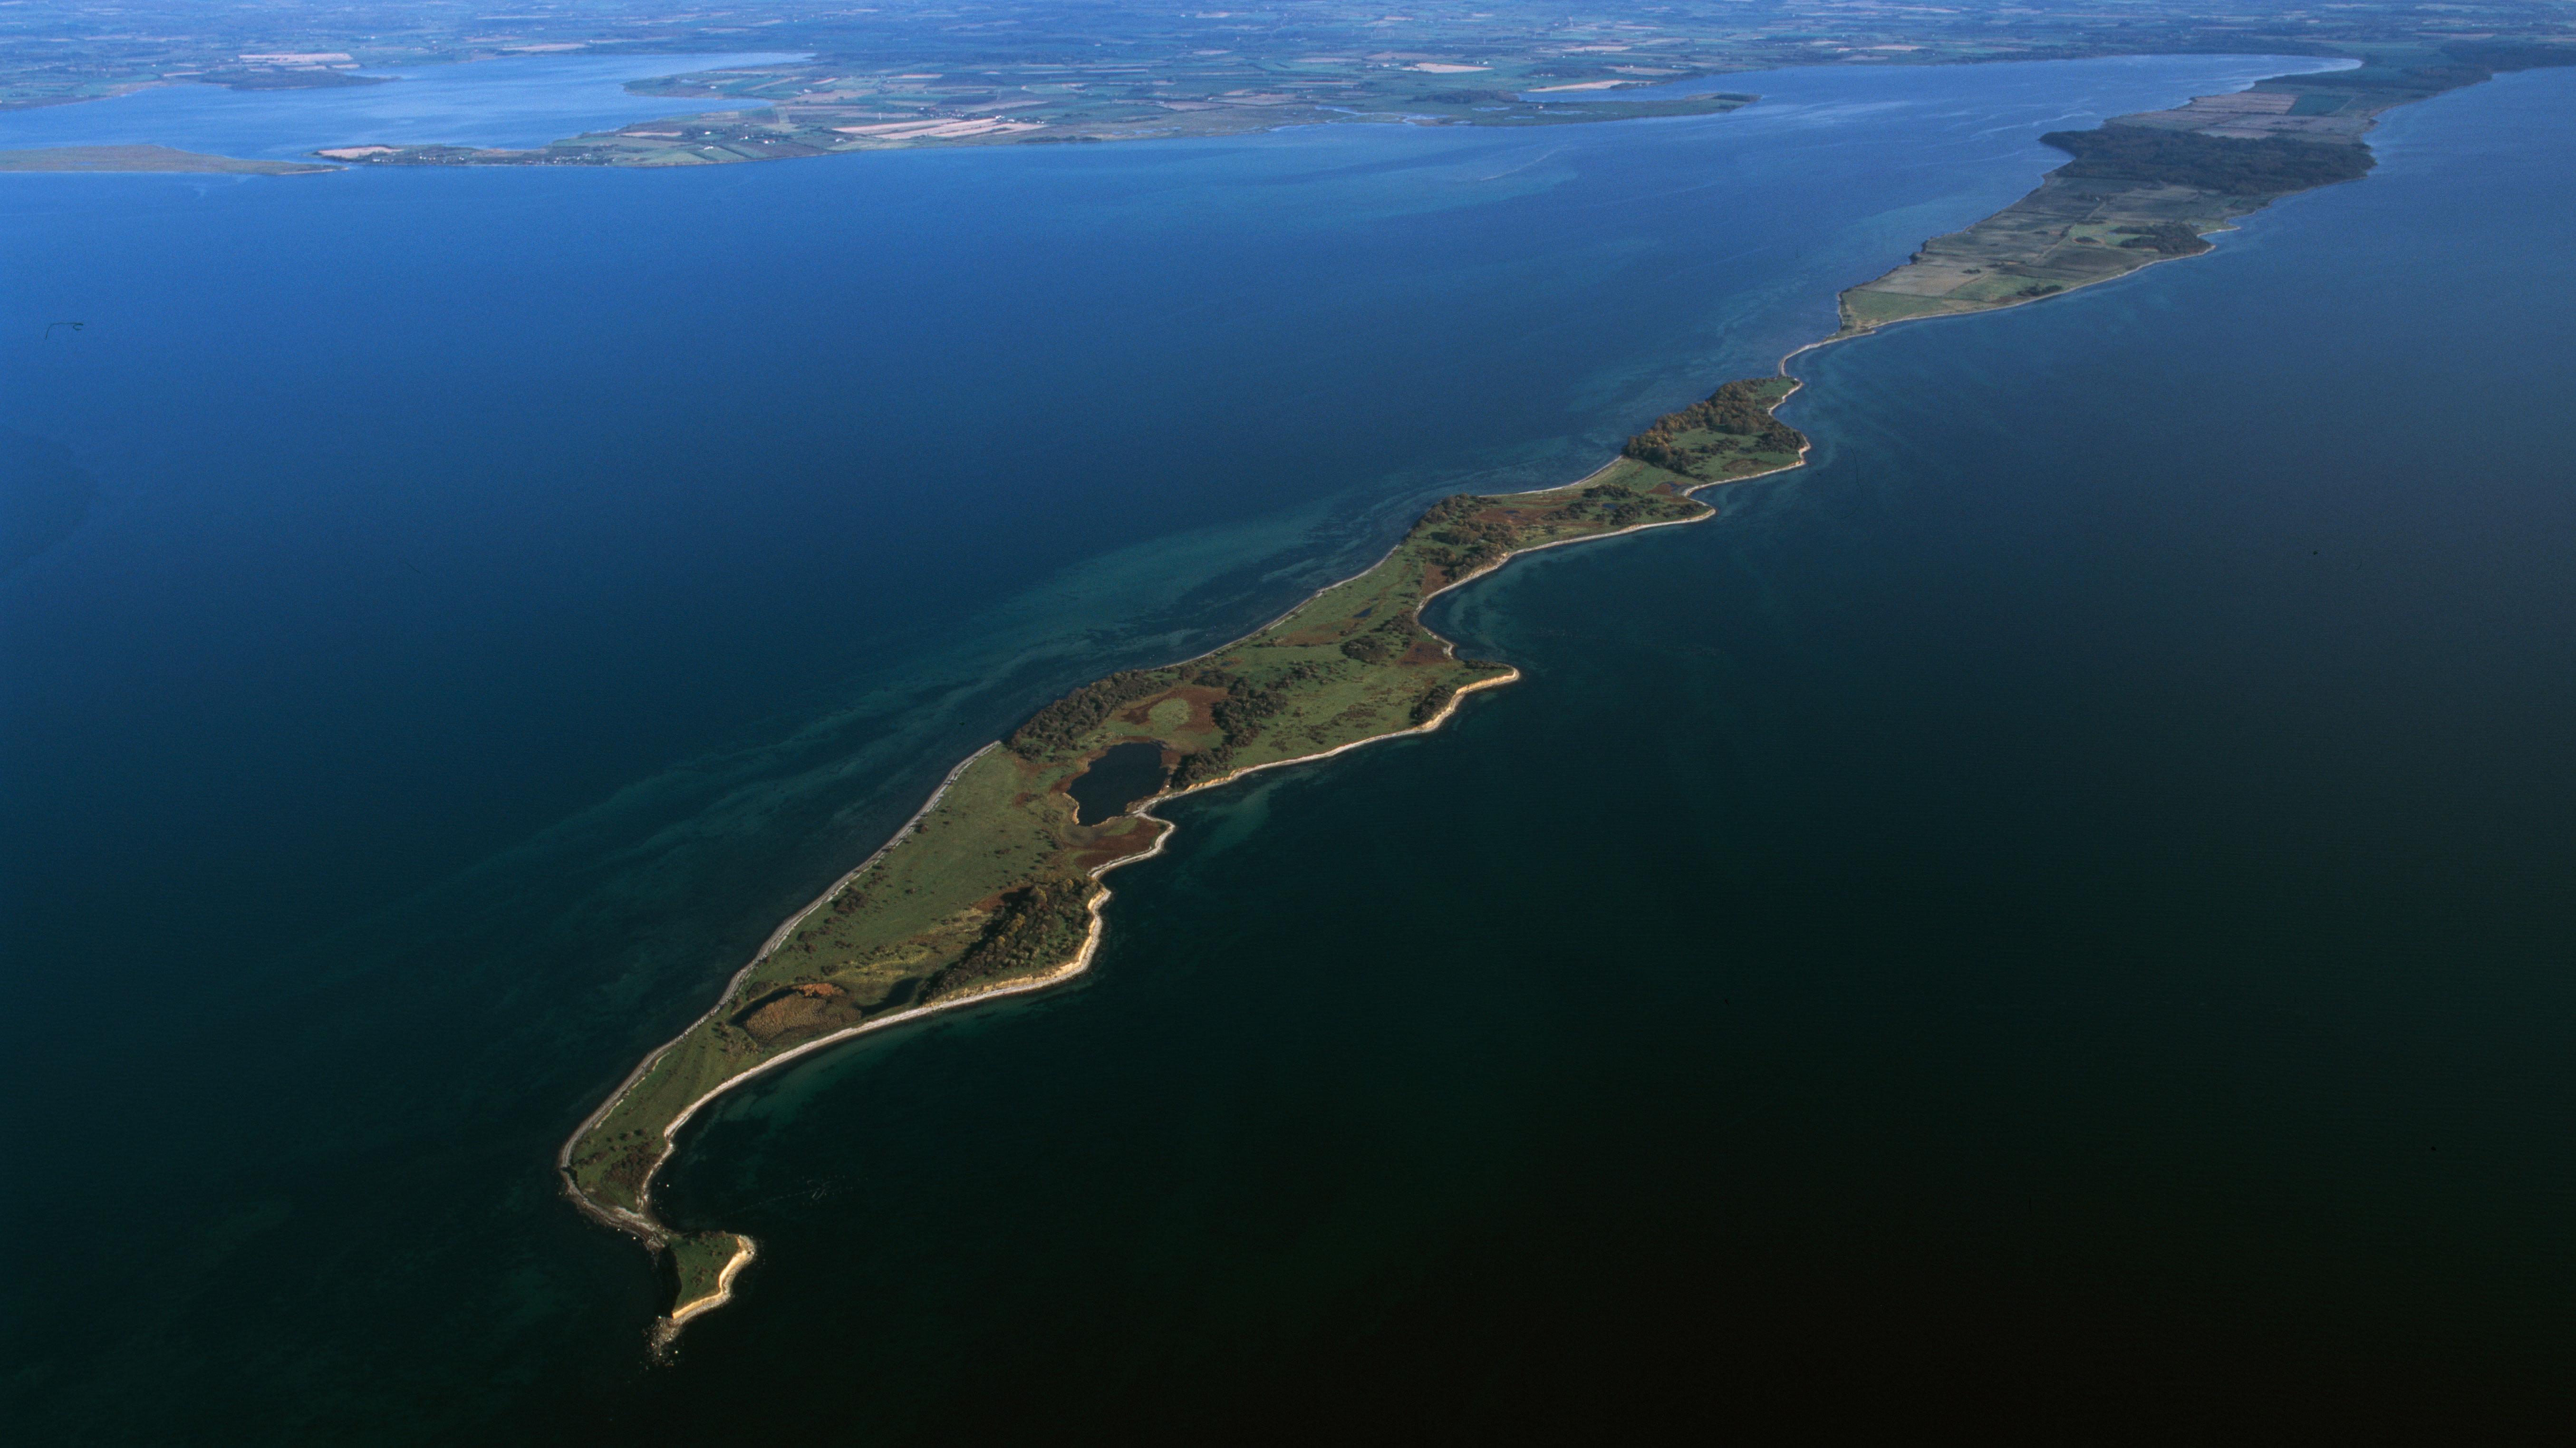 Omr. 169 Havet og kysten mellem Karrebæk Fjord og Knudshoved Odde. Foto: Jan Kofod Winther